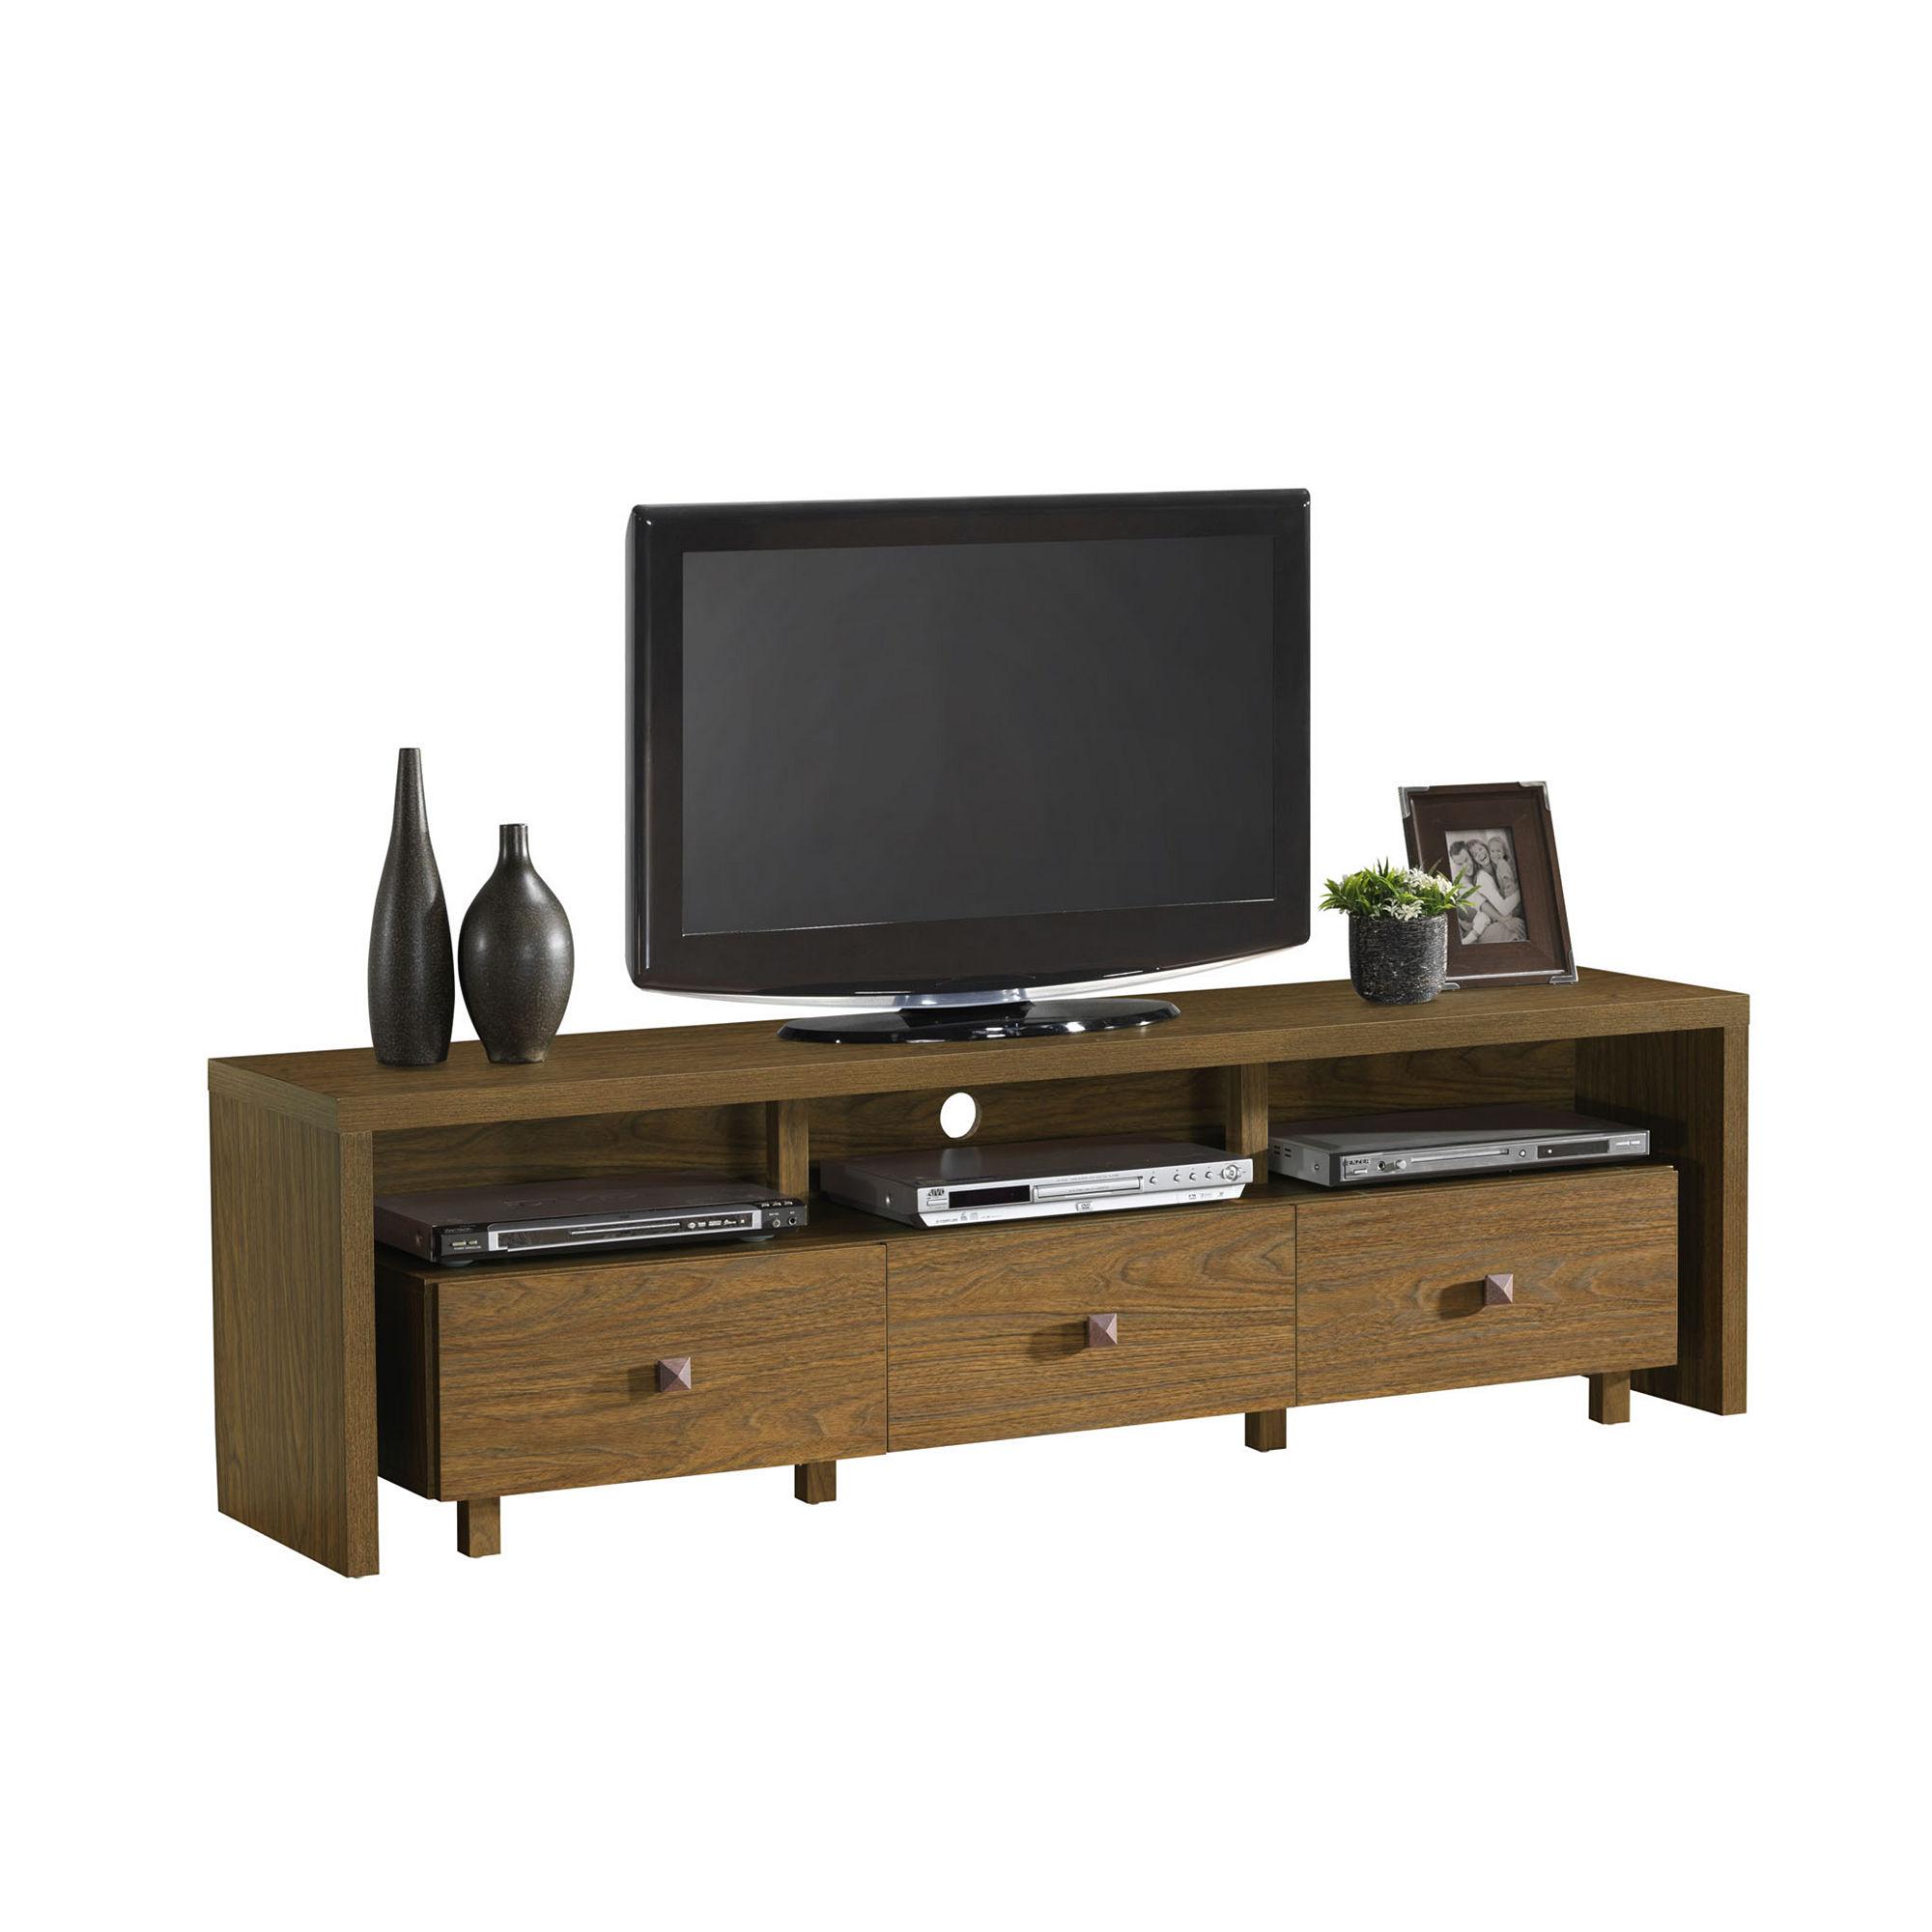 Techni Mobili Elegant TV Stand